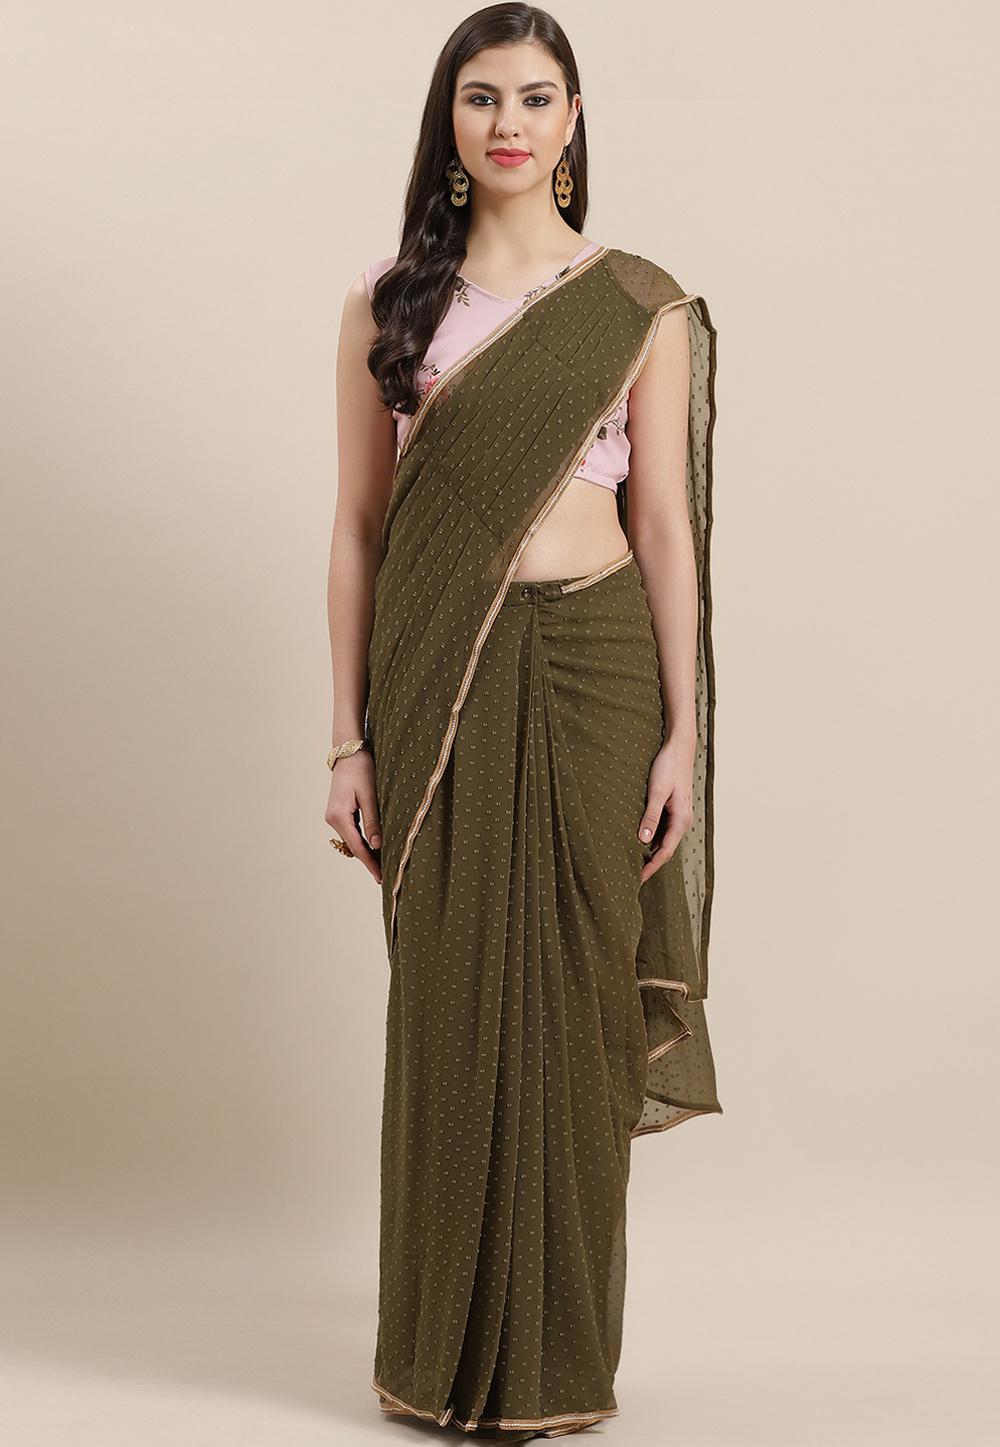 90 Best Designer Saree images in 2020 | saree, saree designs